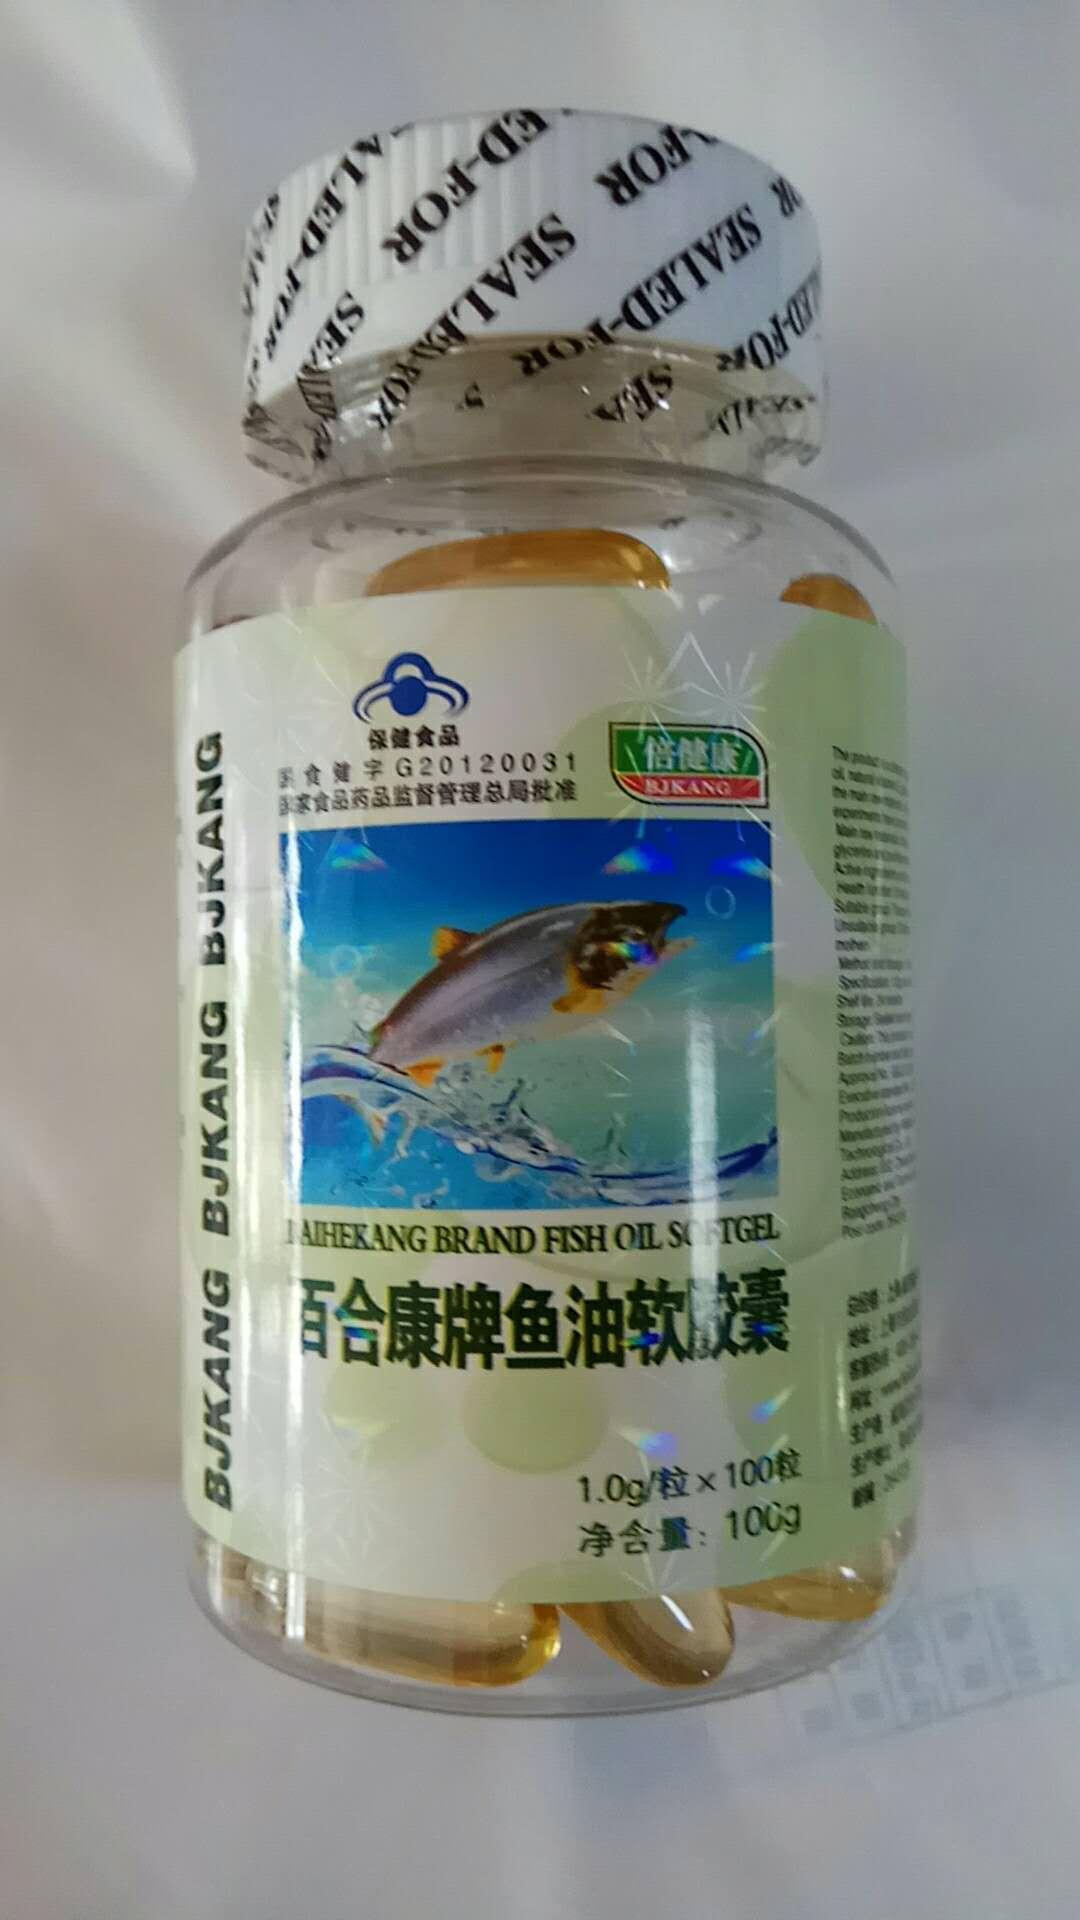 倍健康 百合康牌鱼油软胶囊 1.0g/粒*100粒实体发货保证正品包邮